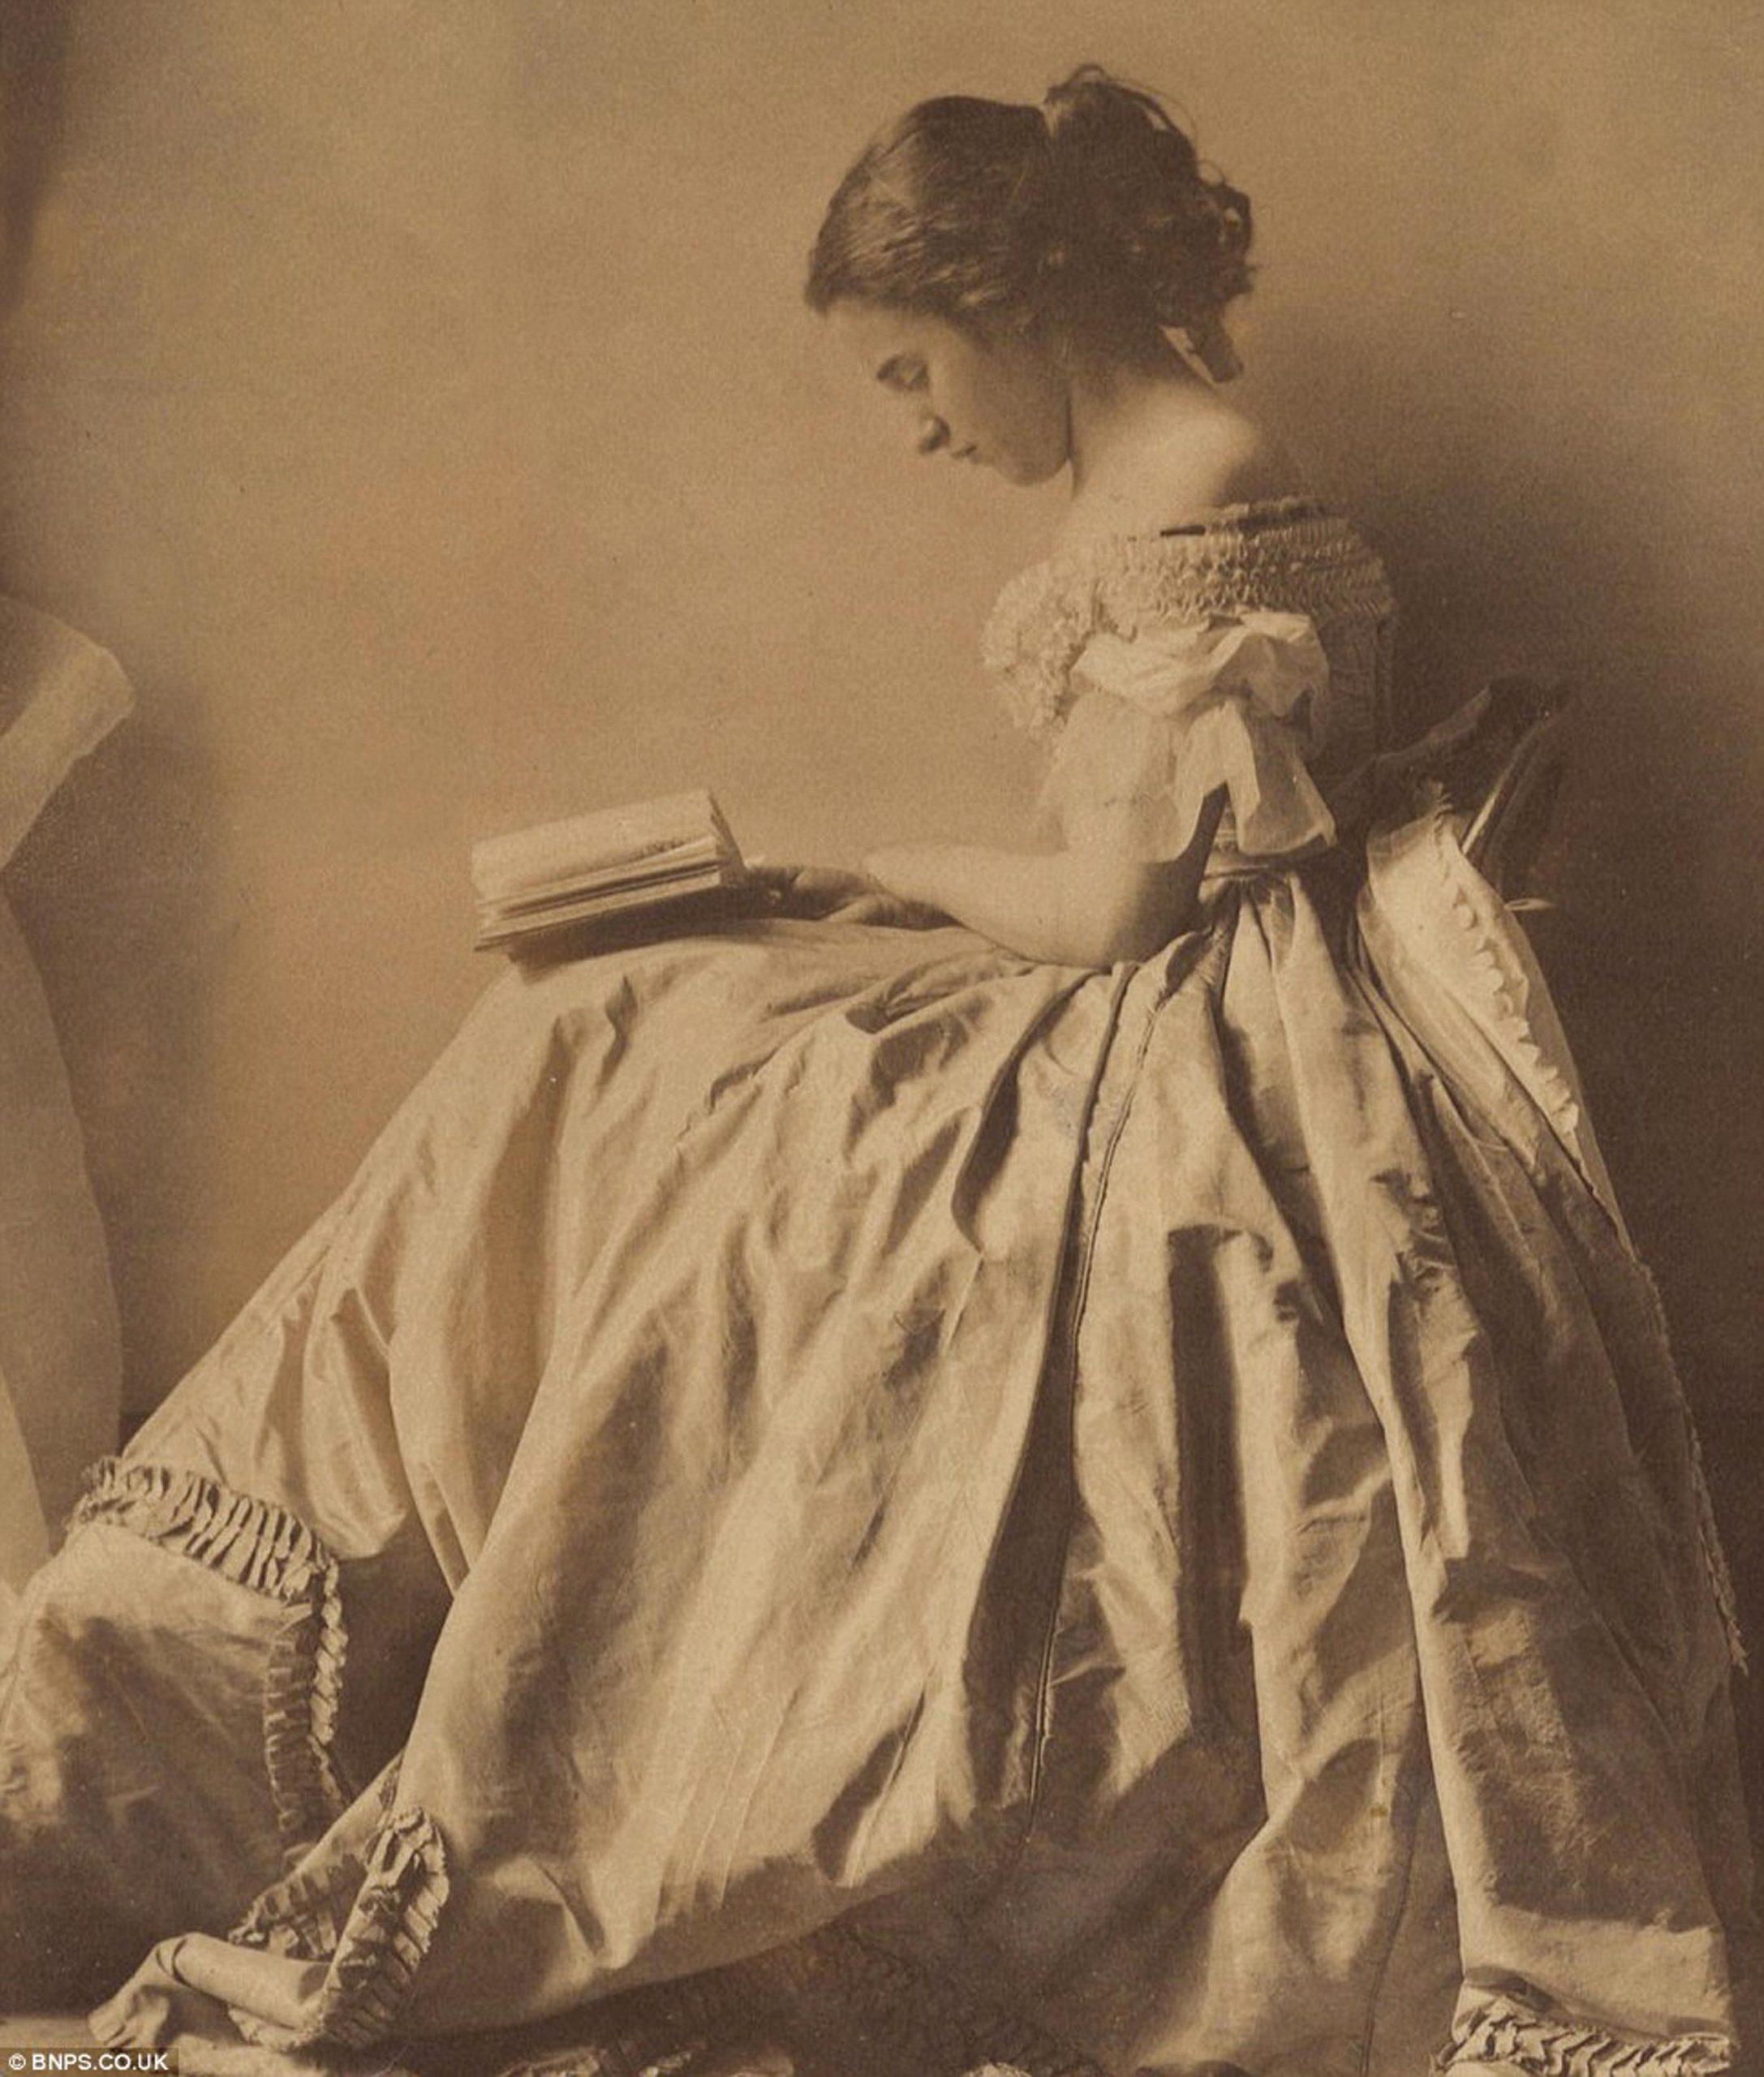 המציאות החברתית והכלכלית בשכבה רחבה של משפחות בורגניות במעמד הביניים במאה ה־19 הביאה לכך שלראשונה היו לנשים רבות שעות פנאי בכל יום, ויותר ויותר מהן ניצלו זמן זה ללימודי קרוא וכתוב. אישה צעירה קוראת ספר באחד הצילומים הראשונים שנעשו בידי אישה — חלוצת הצילום קלמנטינה הווארדן, שנות השישים של המאה ה־19